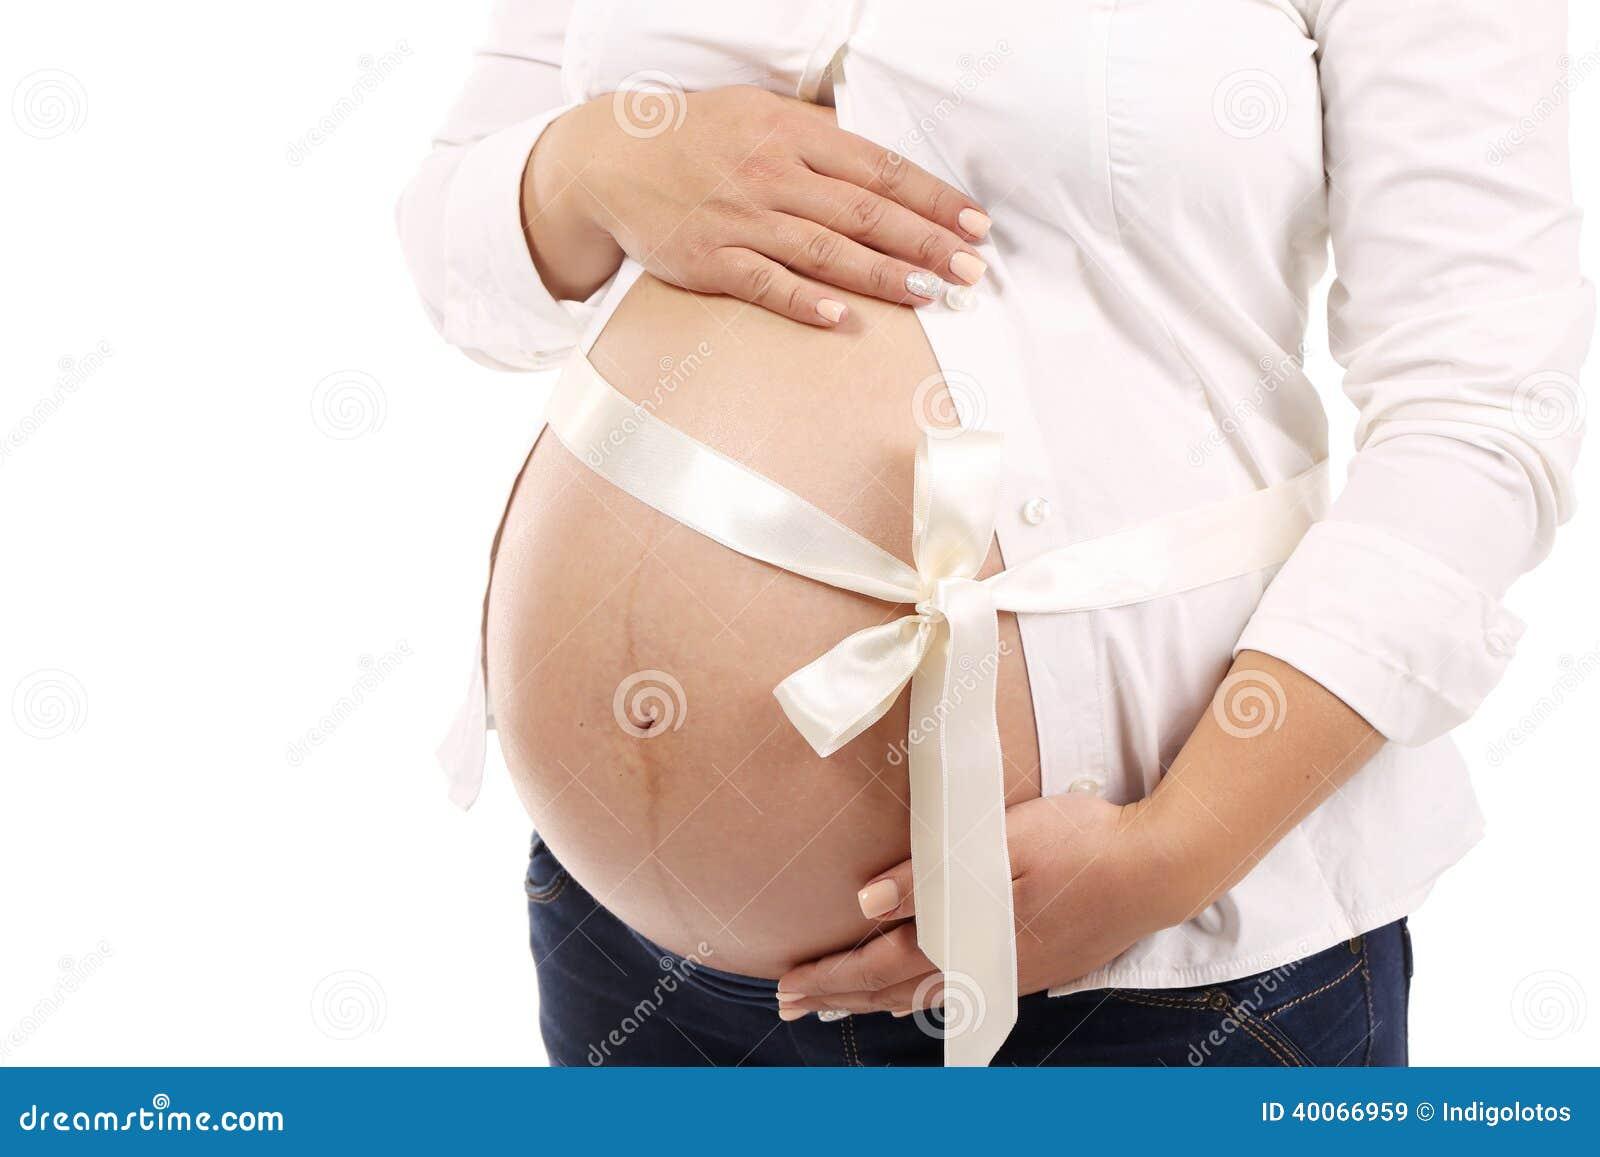 Ventre de femme enceinte.